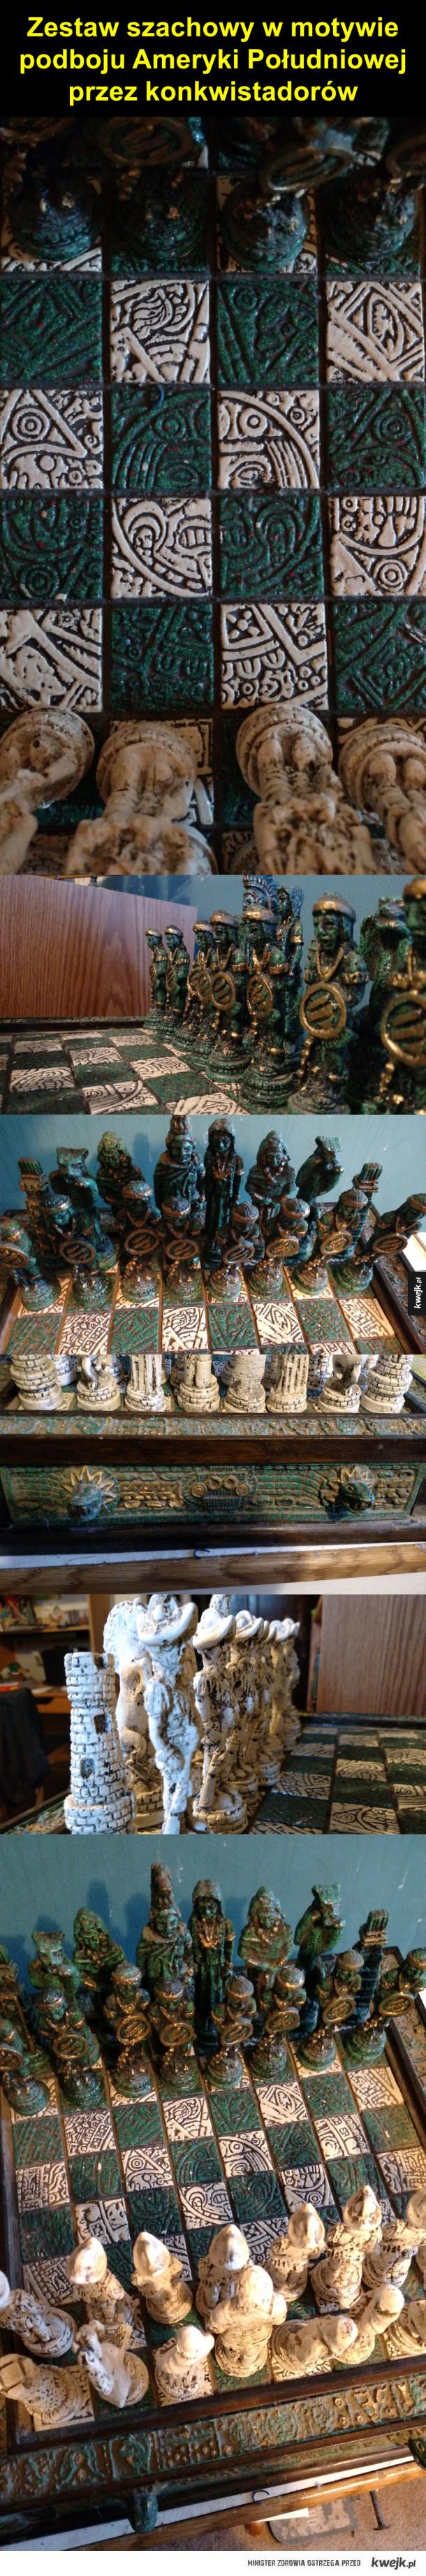 Zajebisty zestaw szachowy